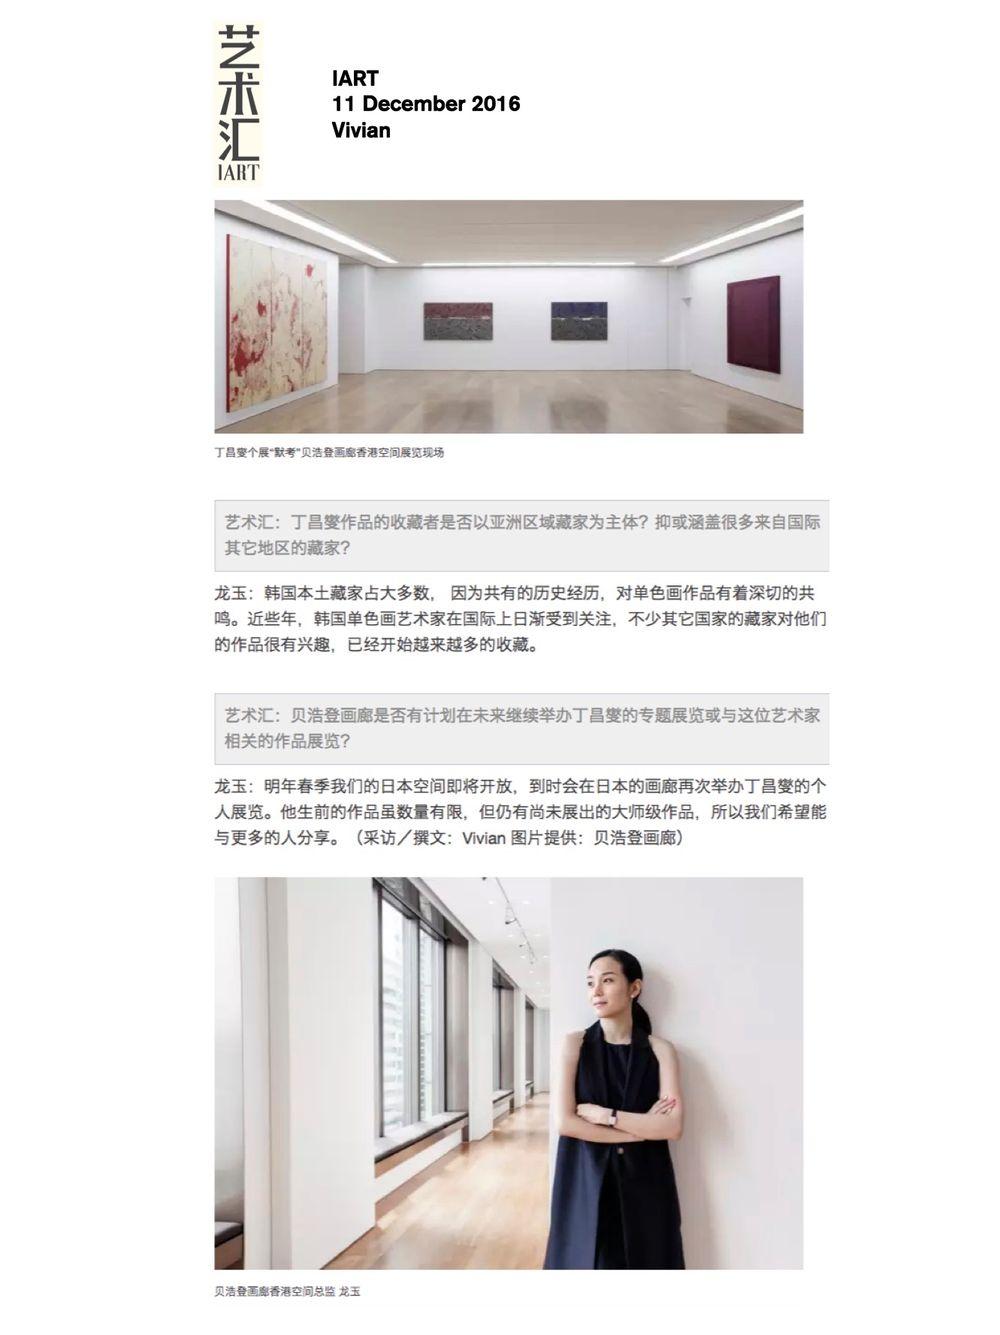 IART | 丁昌燮